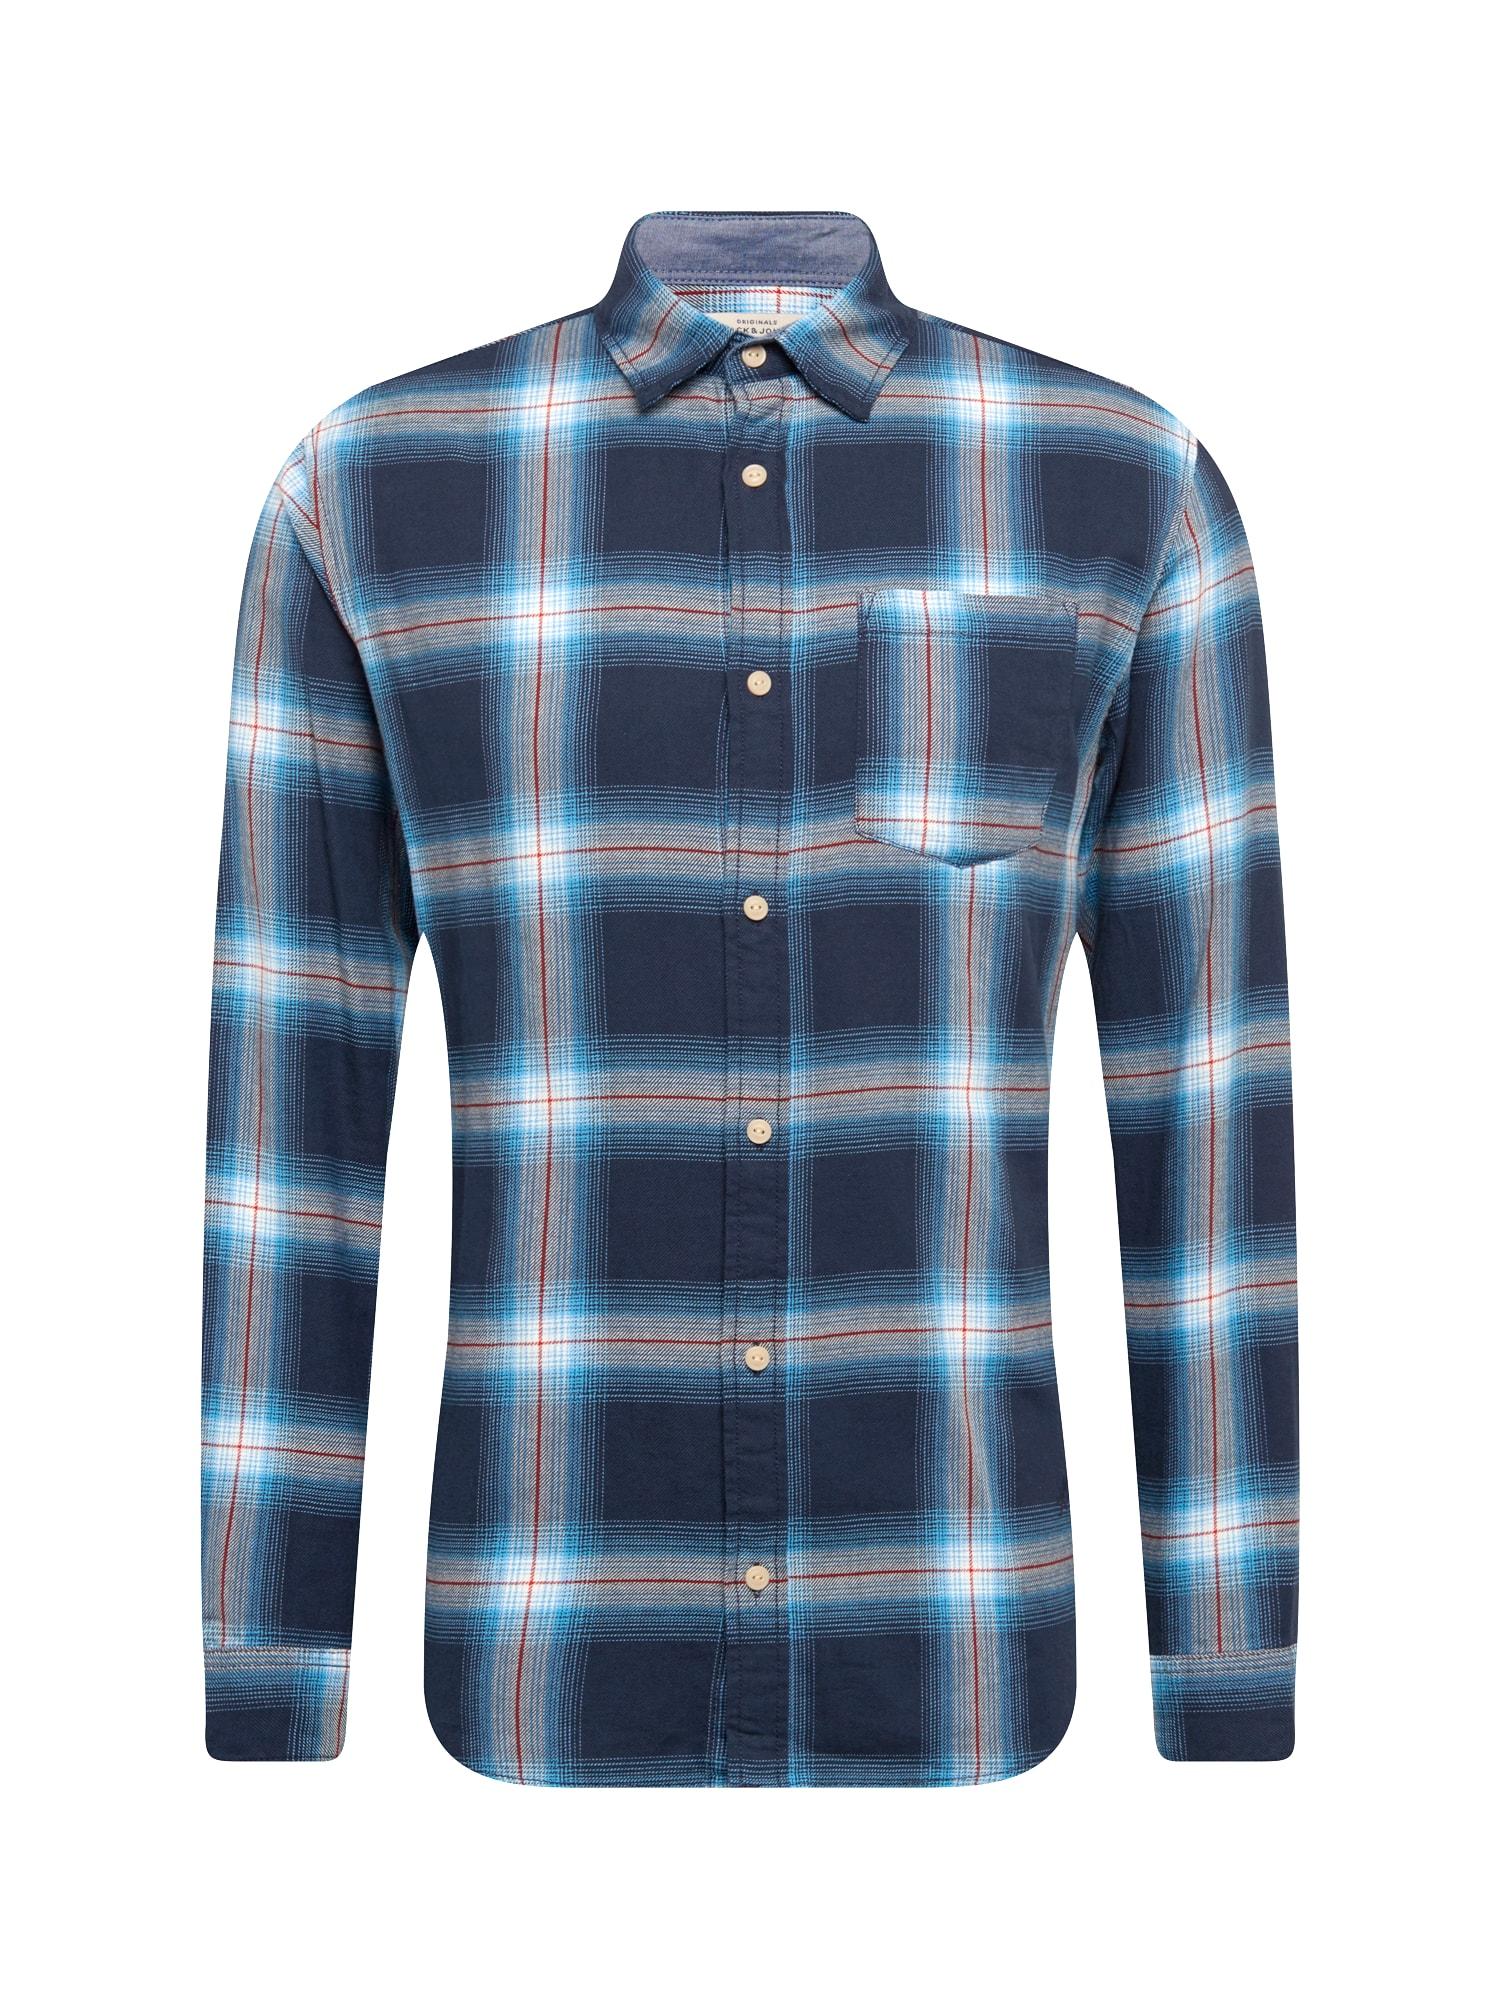 Košile Jornico modrá světlemodrá bílá JACK & JONES